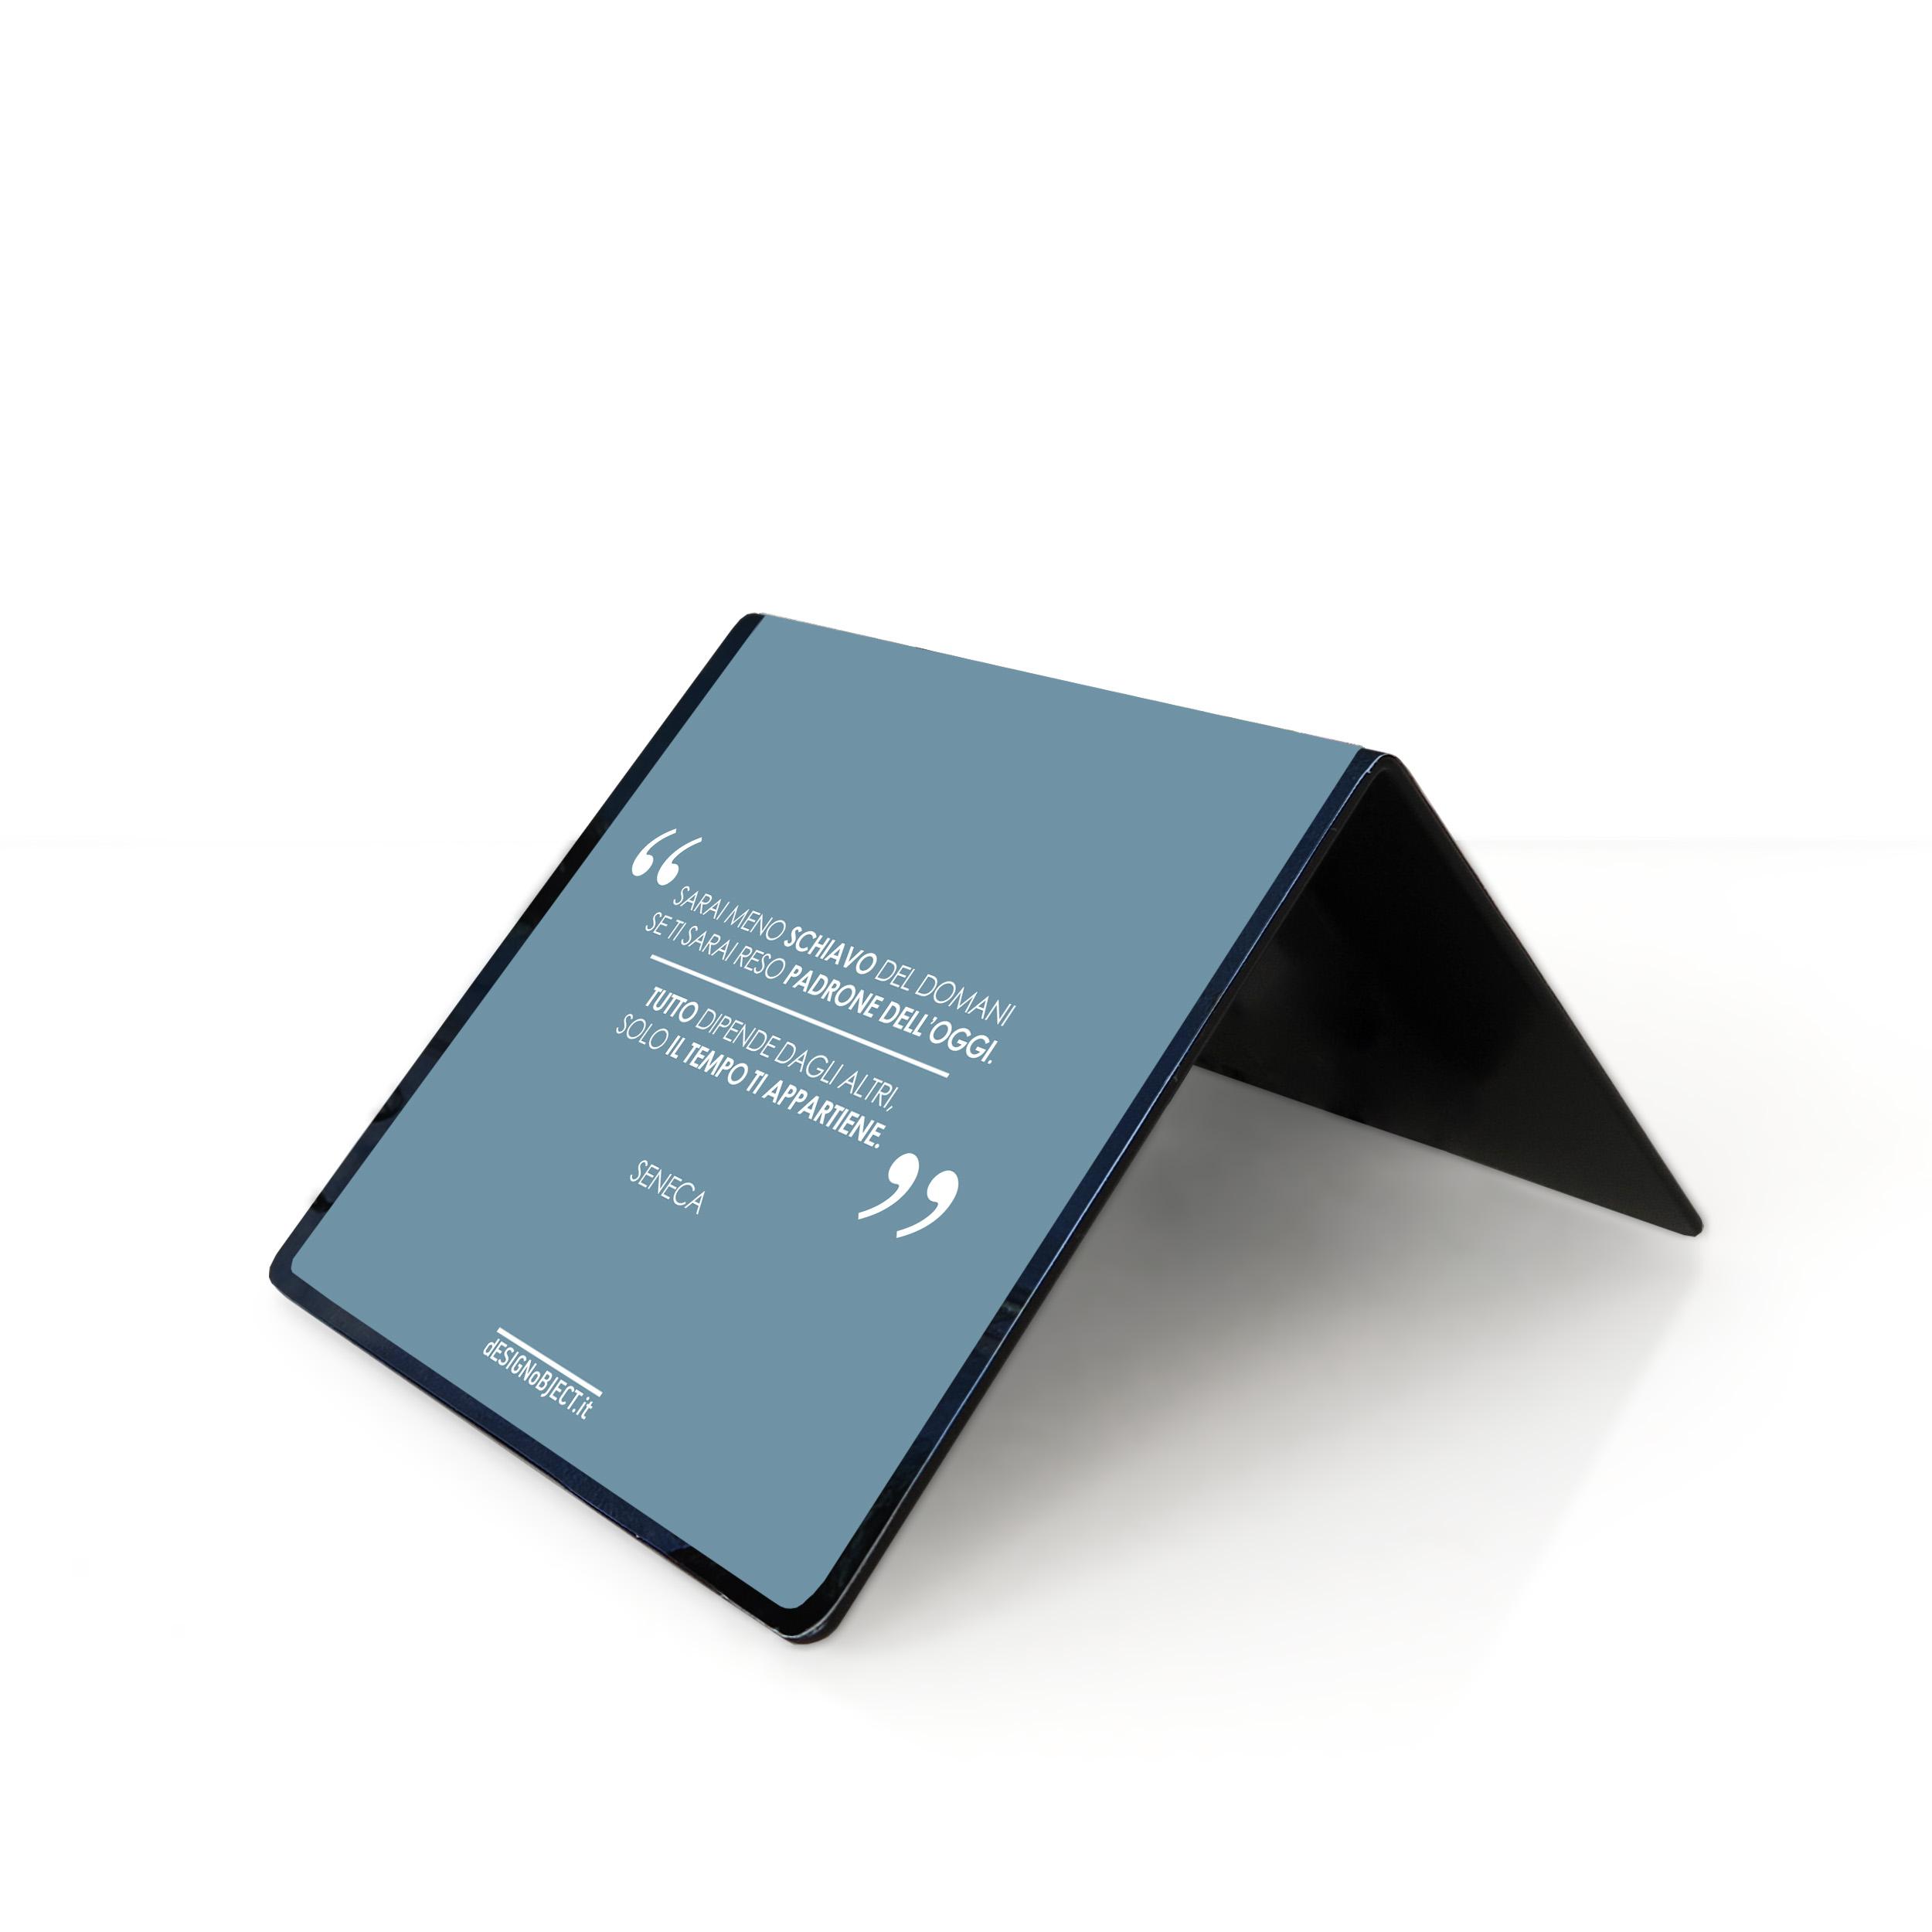 orologio di design table clock minimal design citazioni frasi Tempo Libertà Seneca